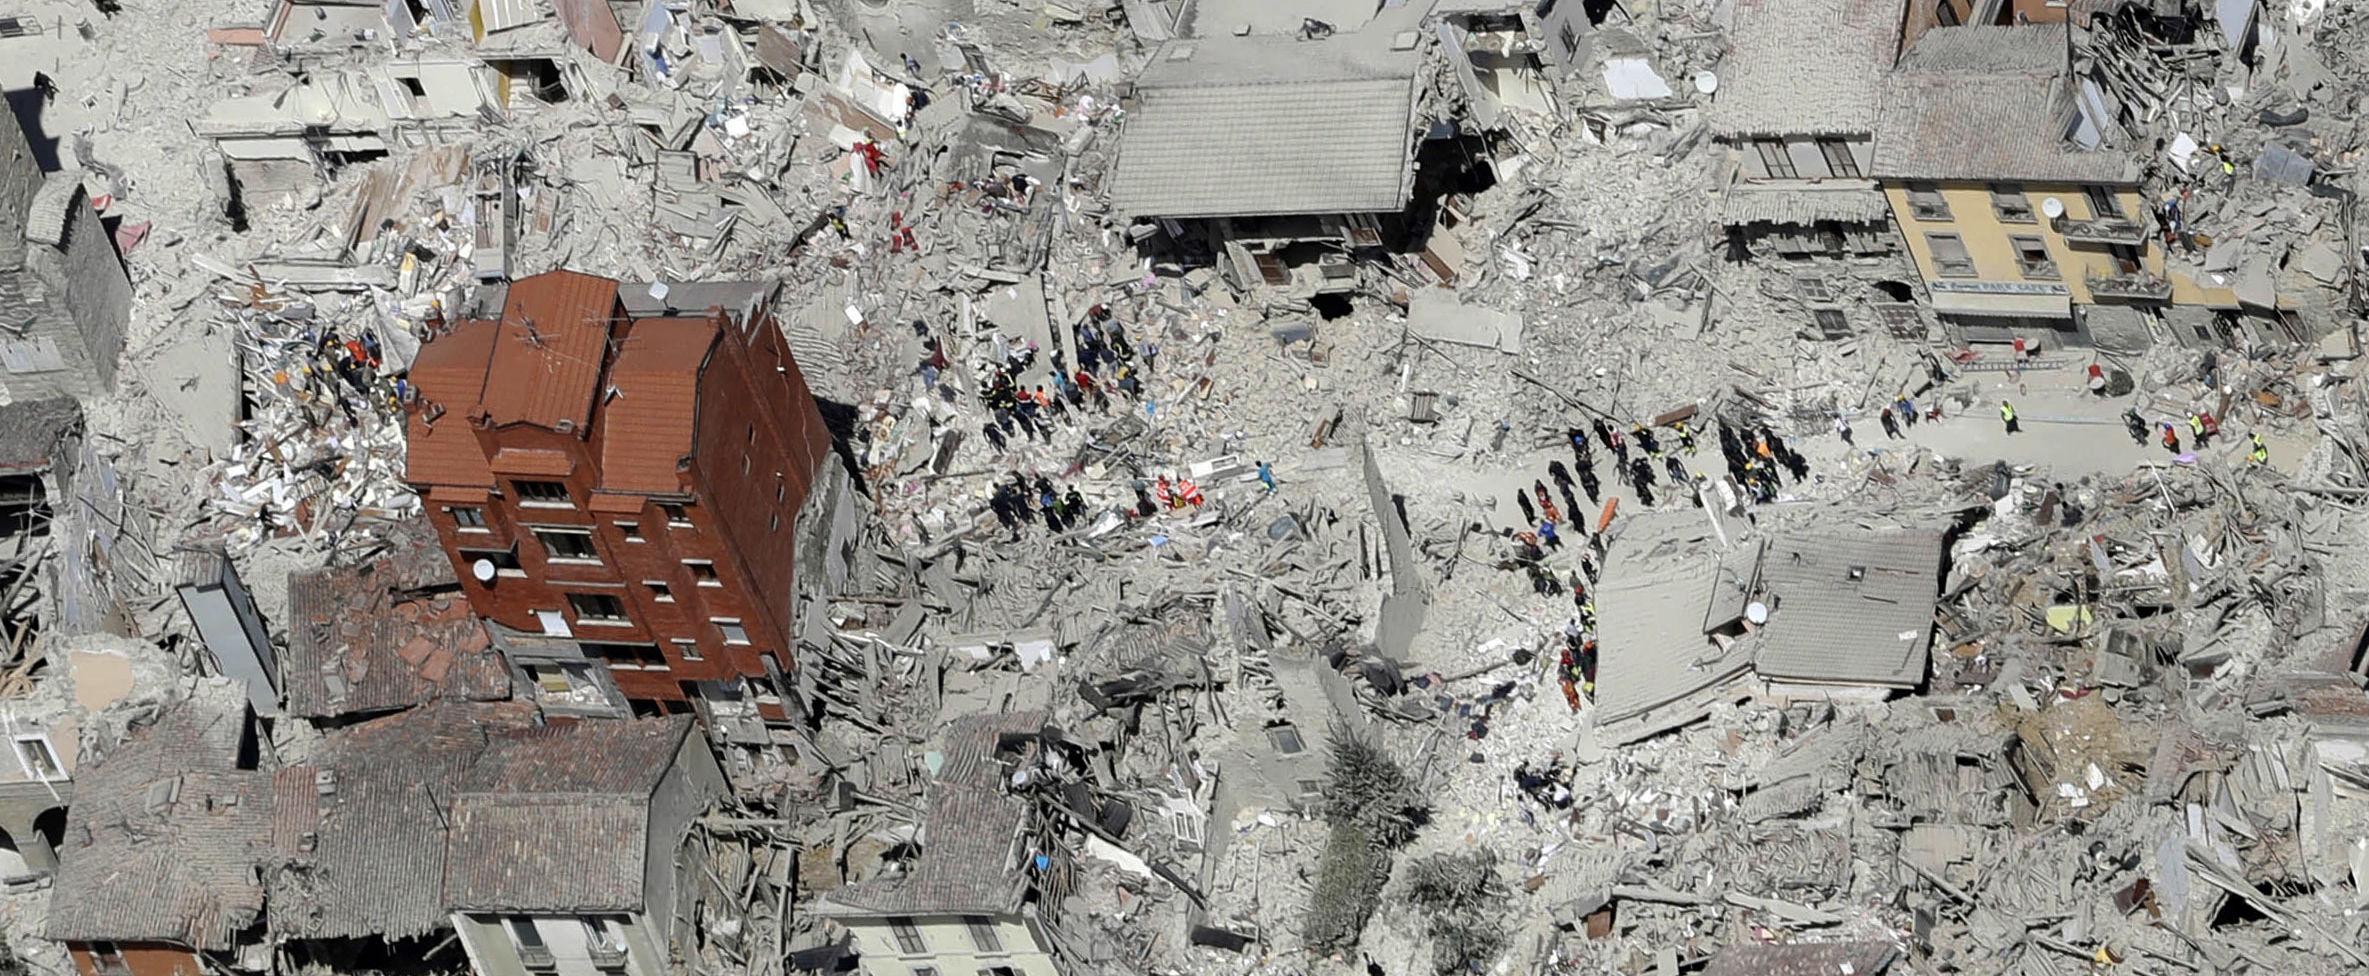 Cómo evitar que un Terremoto acabe en Catástrofe